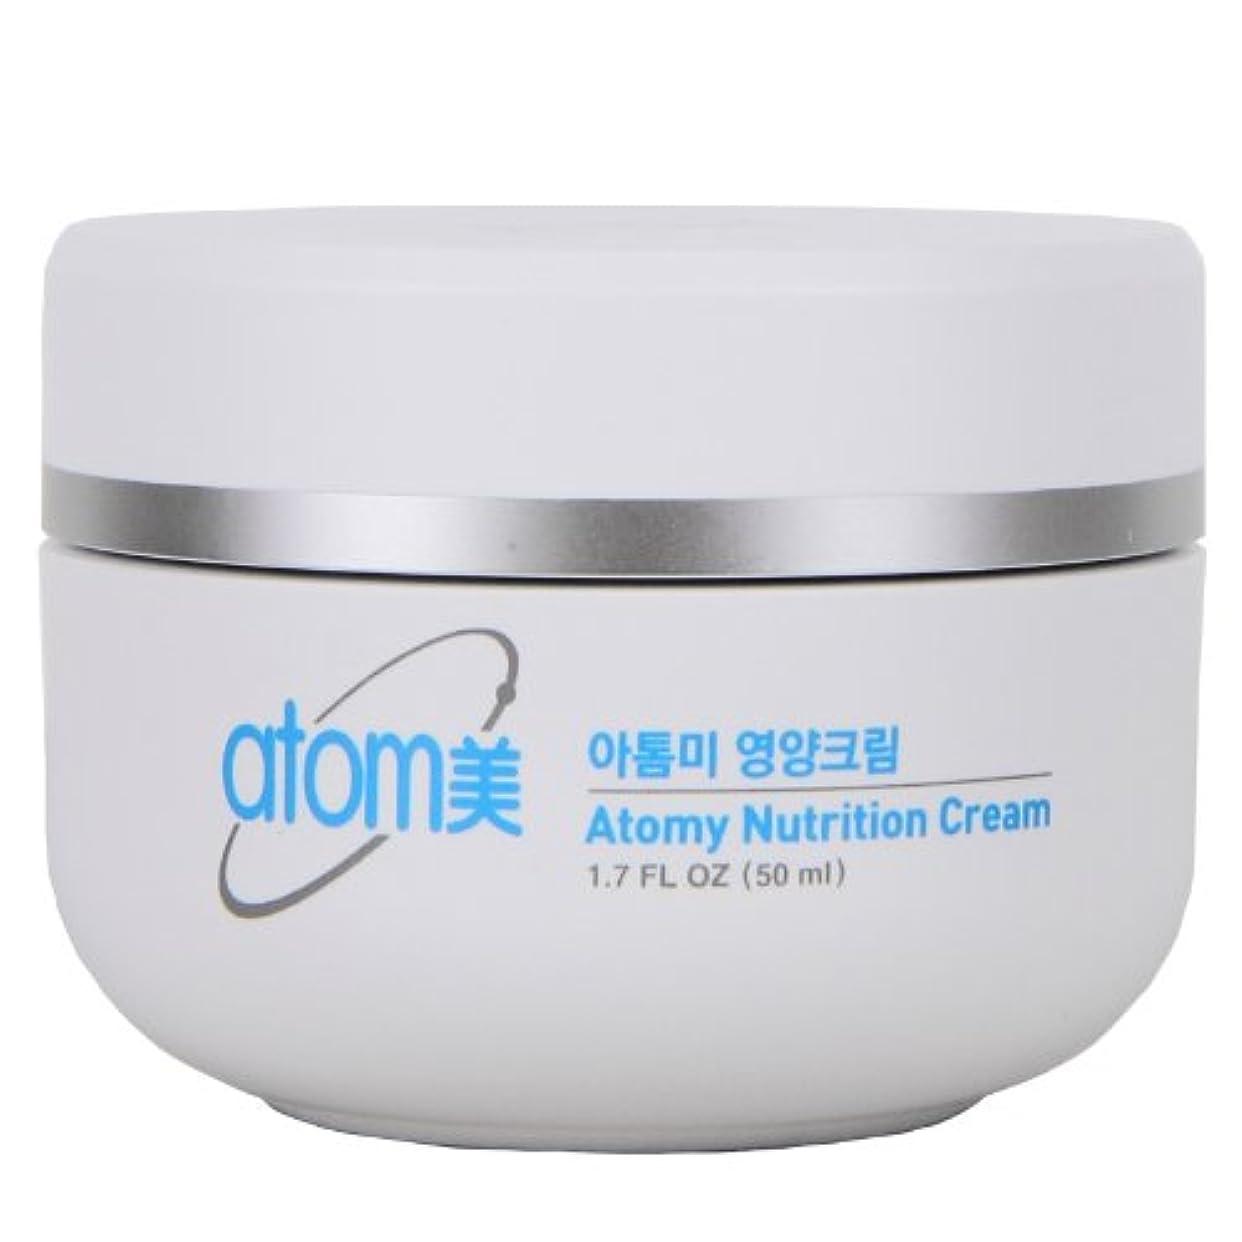 分子魔法排除する韓国コスメ Atom美 アトミ クリーム ■ナチュラルコスメ